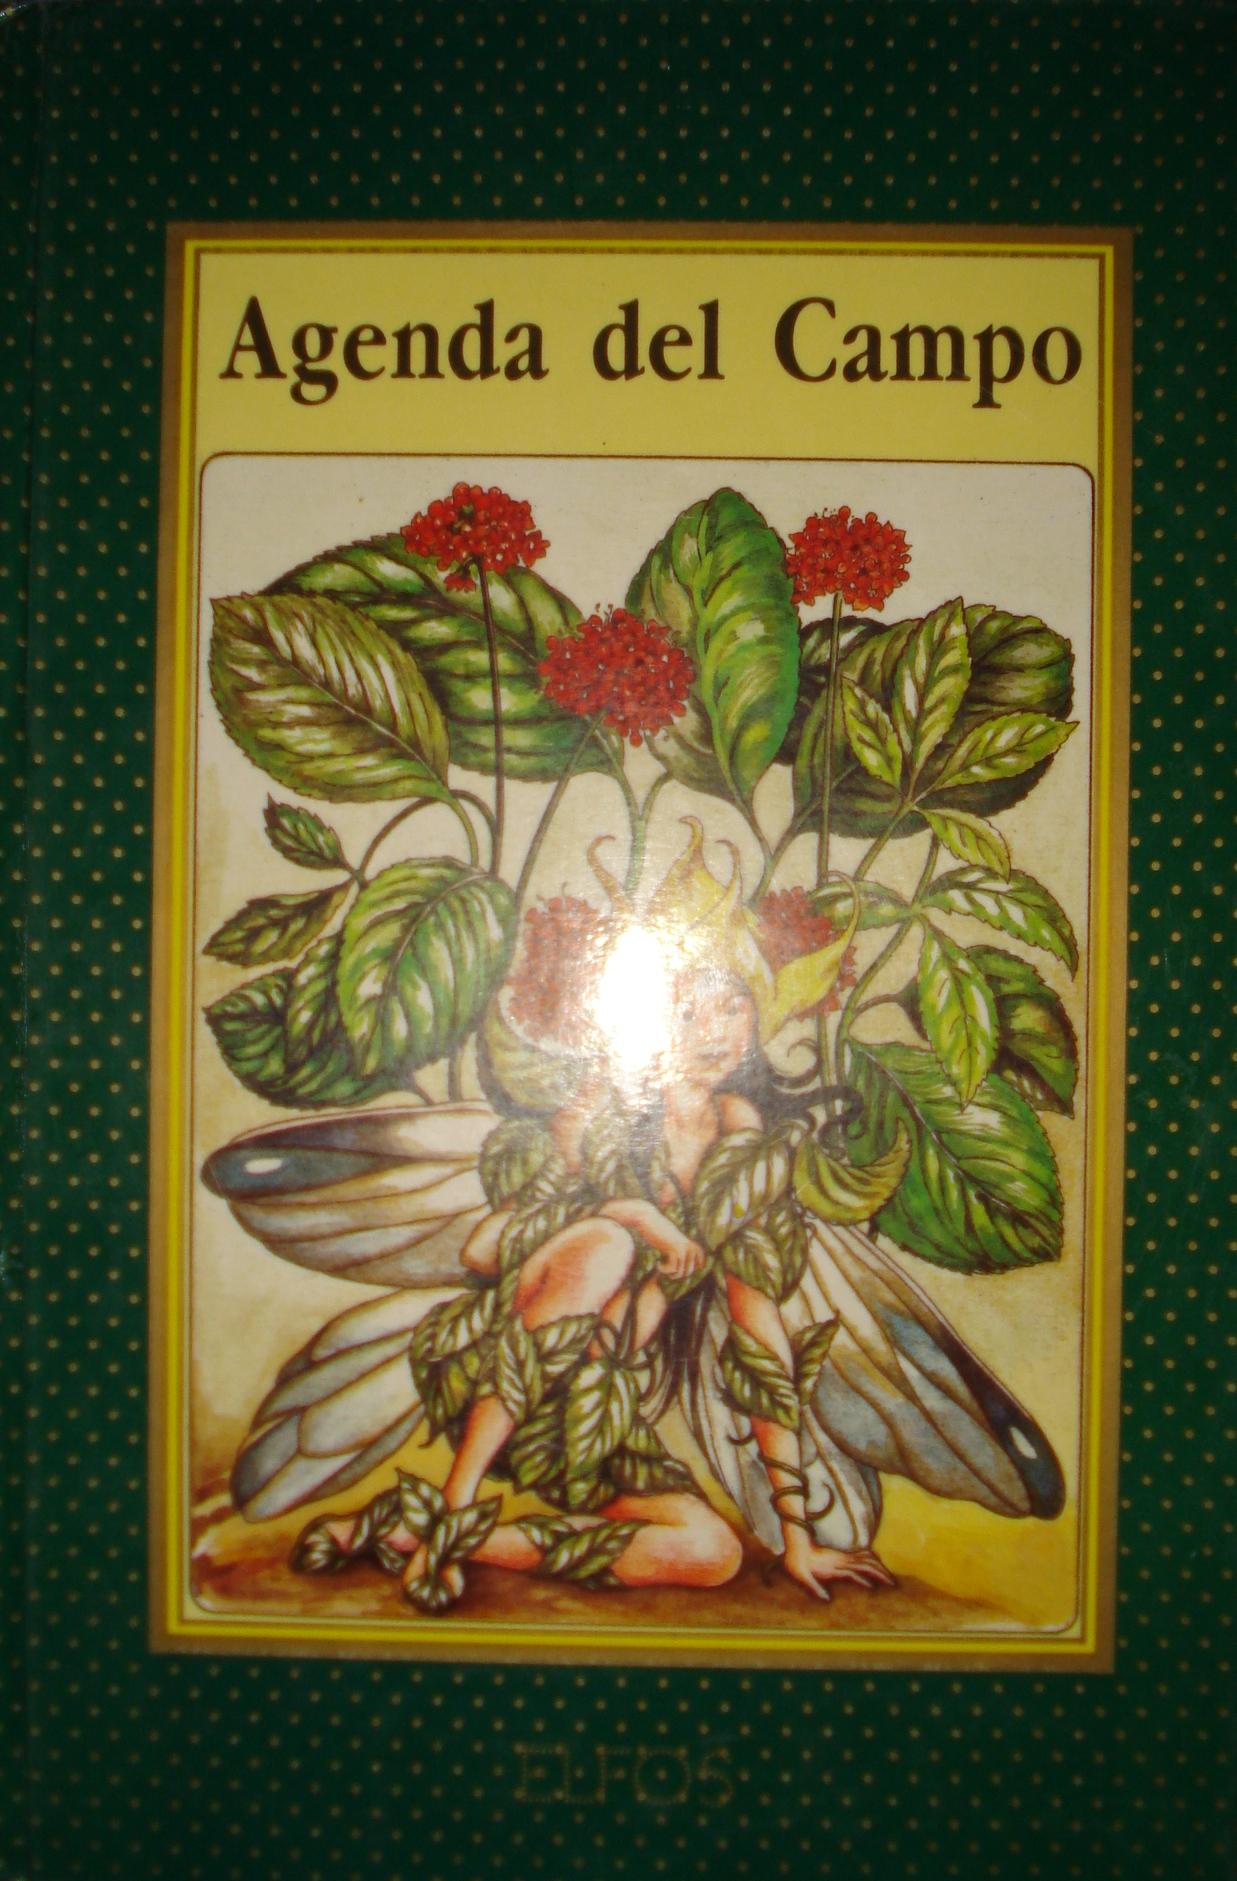 Agenda del Campo